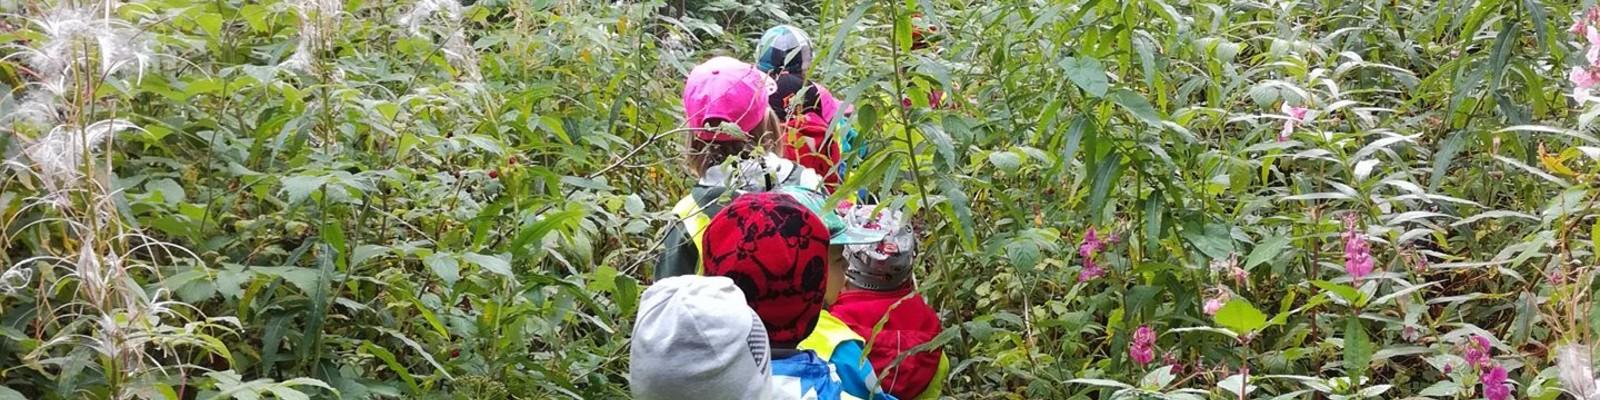 seikkailu metsässä (1)